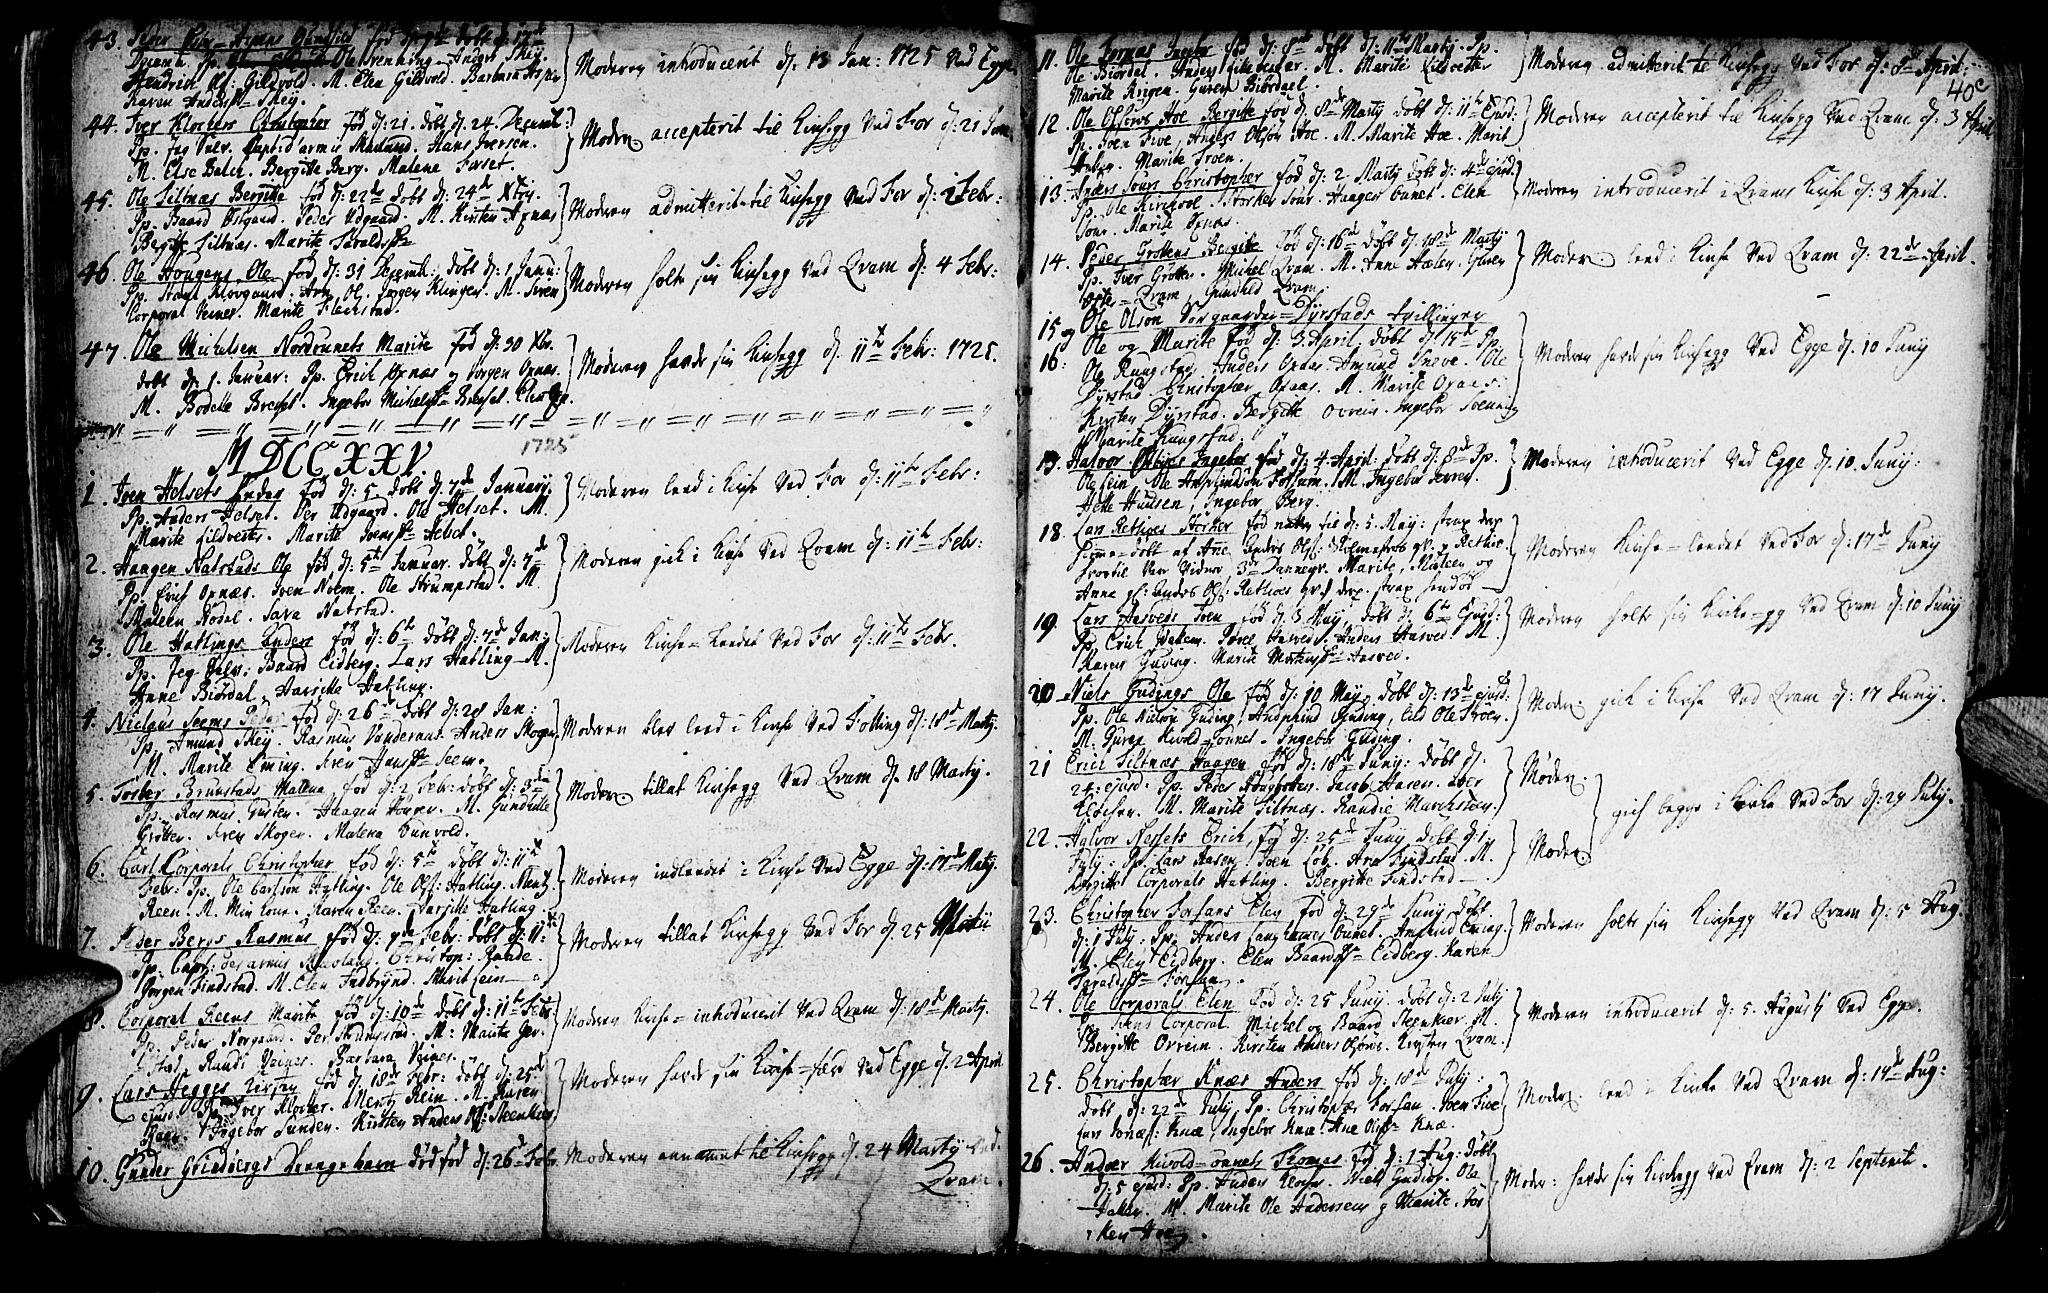 SAT, Ministerialprotokoller, klokkerbøker og fødselsregistre - Nord-Trøndelag, 746/L0439: Ministerialbok nr. 746A01, 1688-1759, s. 40d